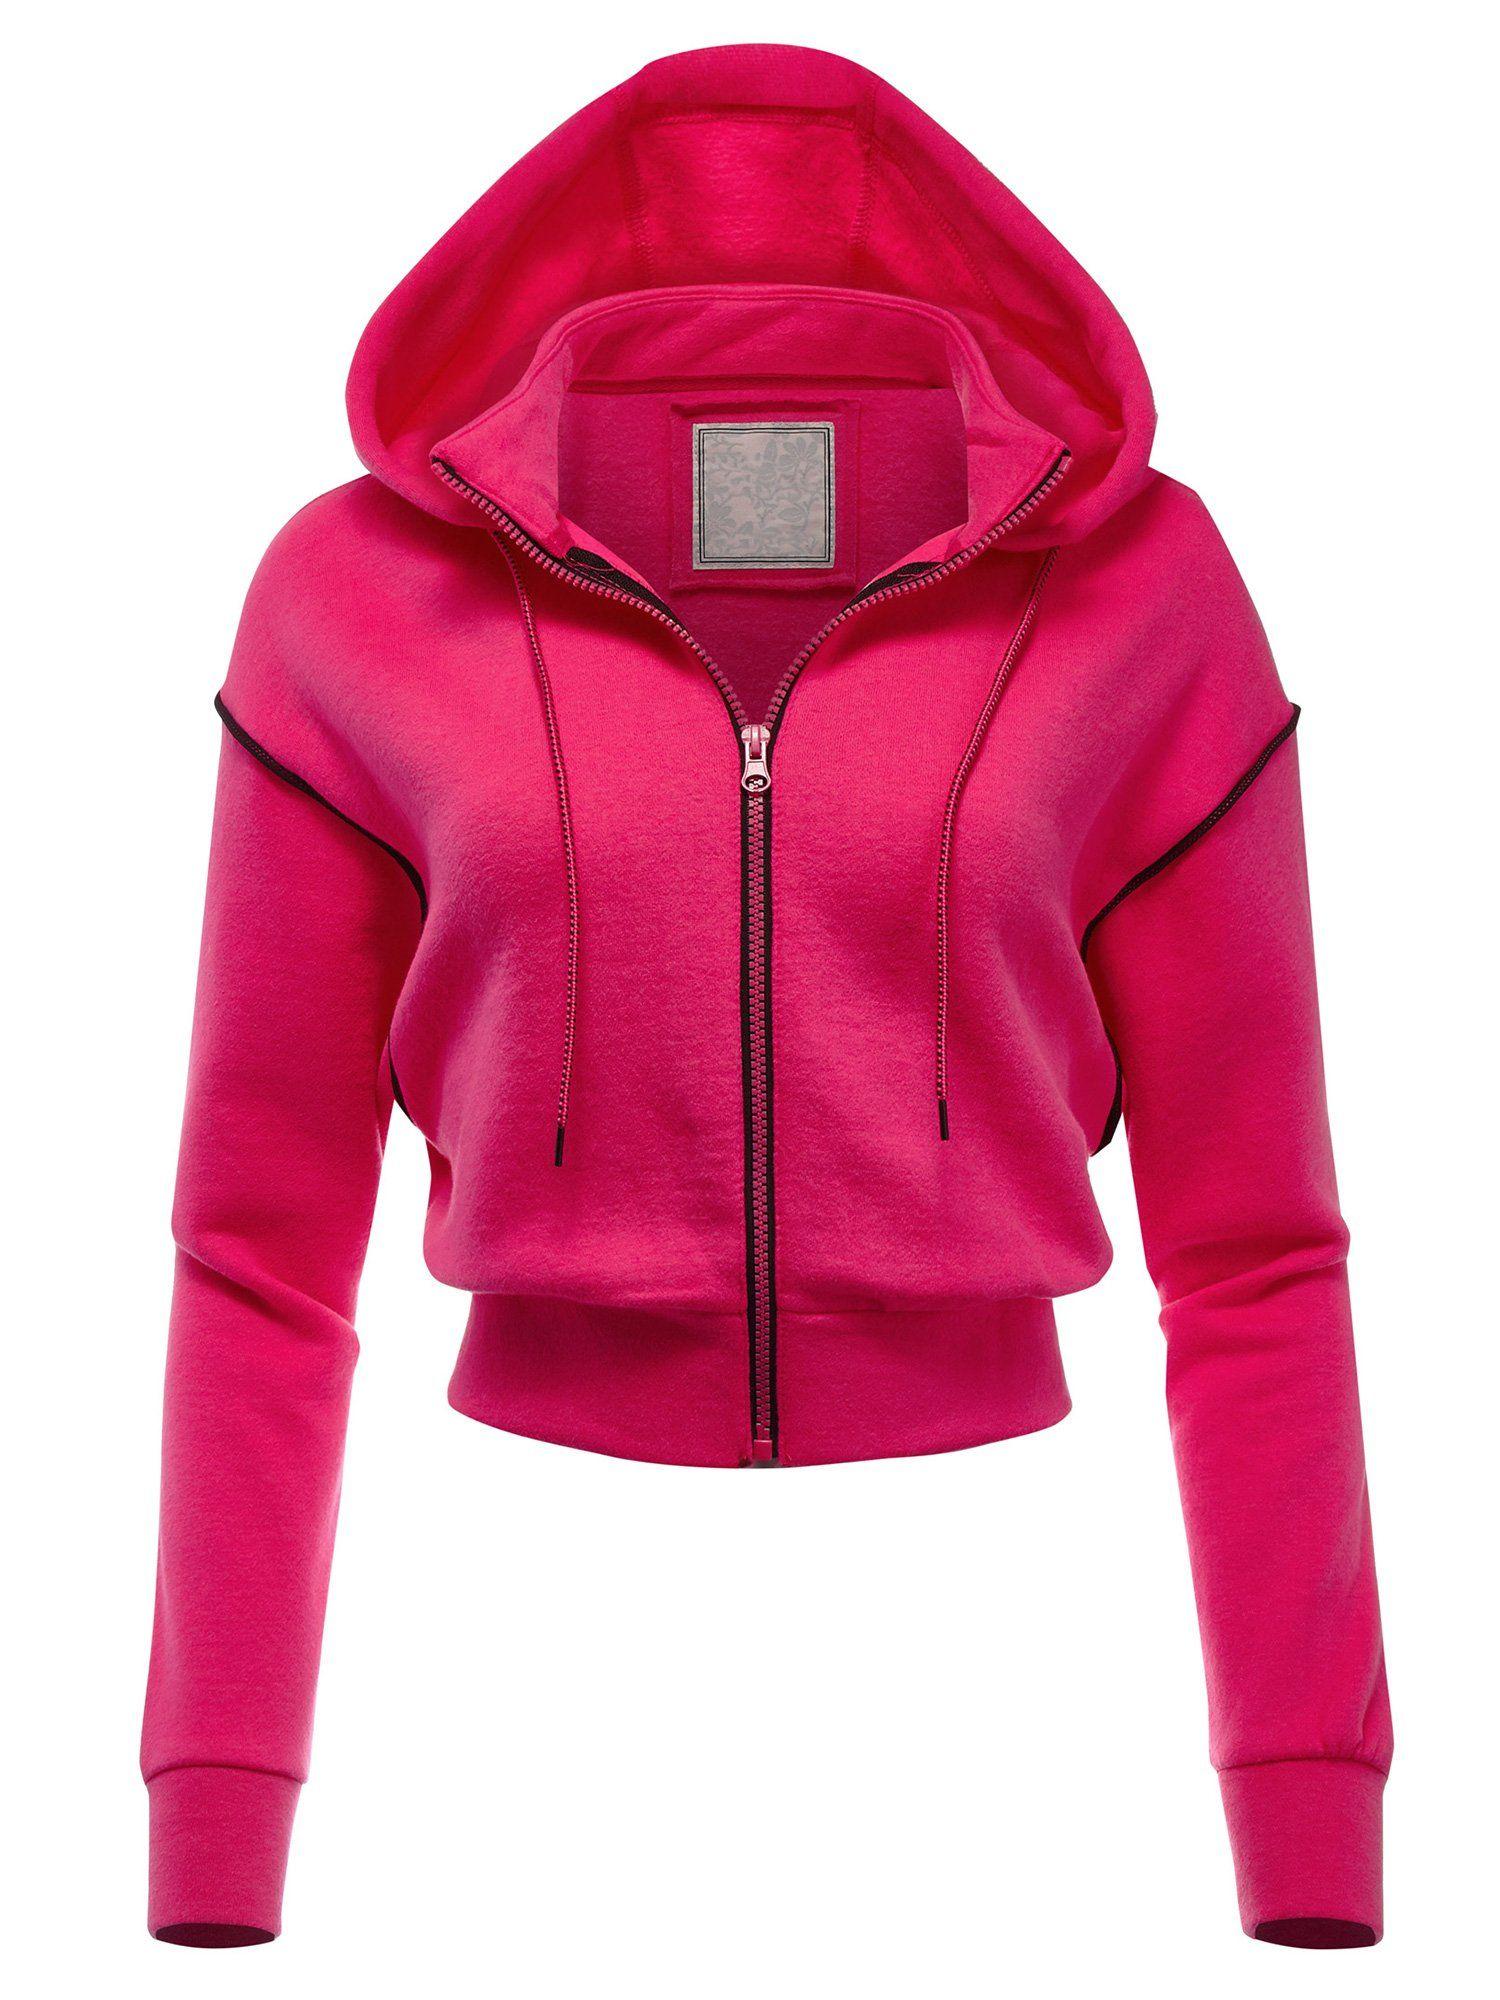 Women's Casual Fleece Full Zip-up Hoodie Outwear Jacket (FWJ1076) - NEON PINK / L